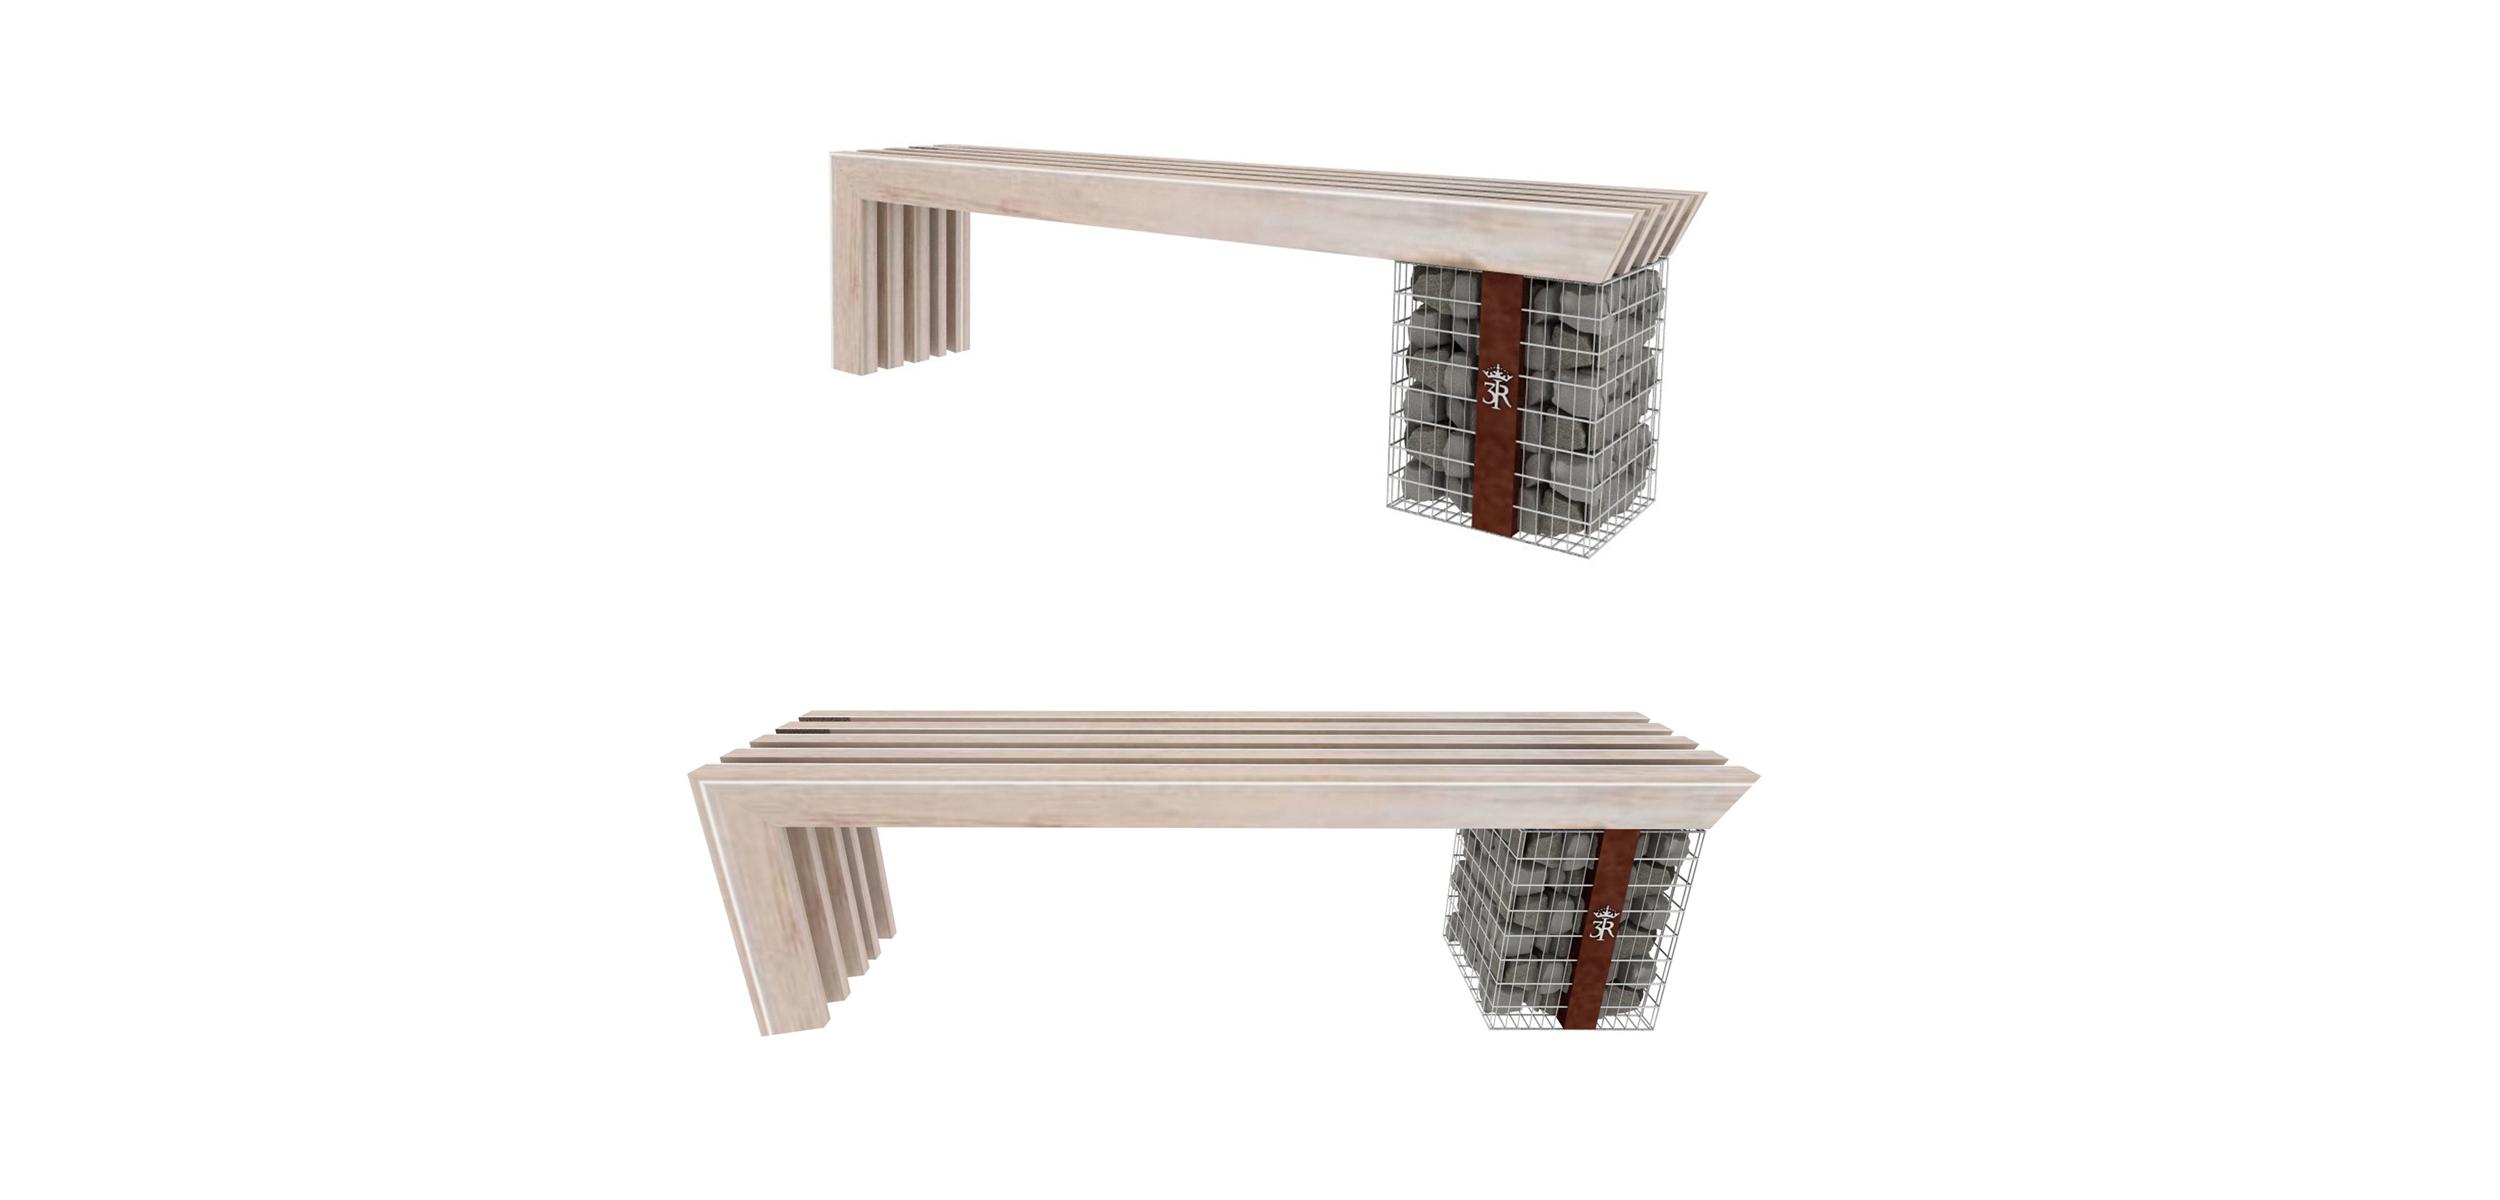 ławka uliczna, portfolio, szlak jana III sobieskiego, jIIIs, mała architektura, spiczyn, ławka uliczna